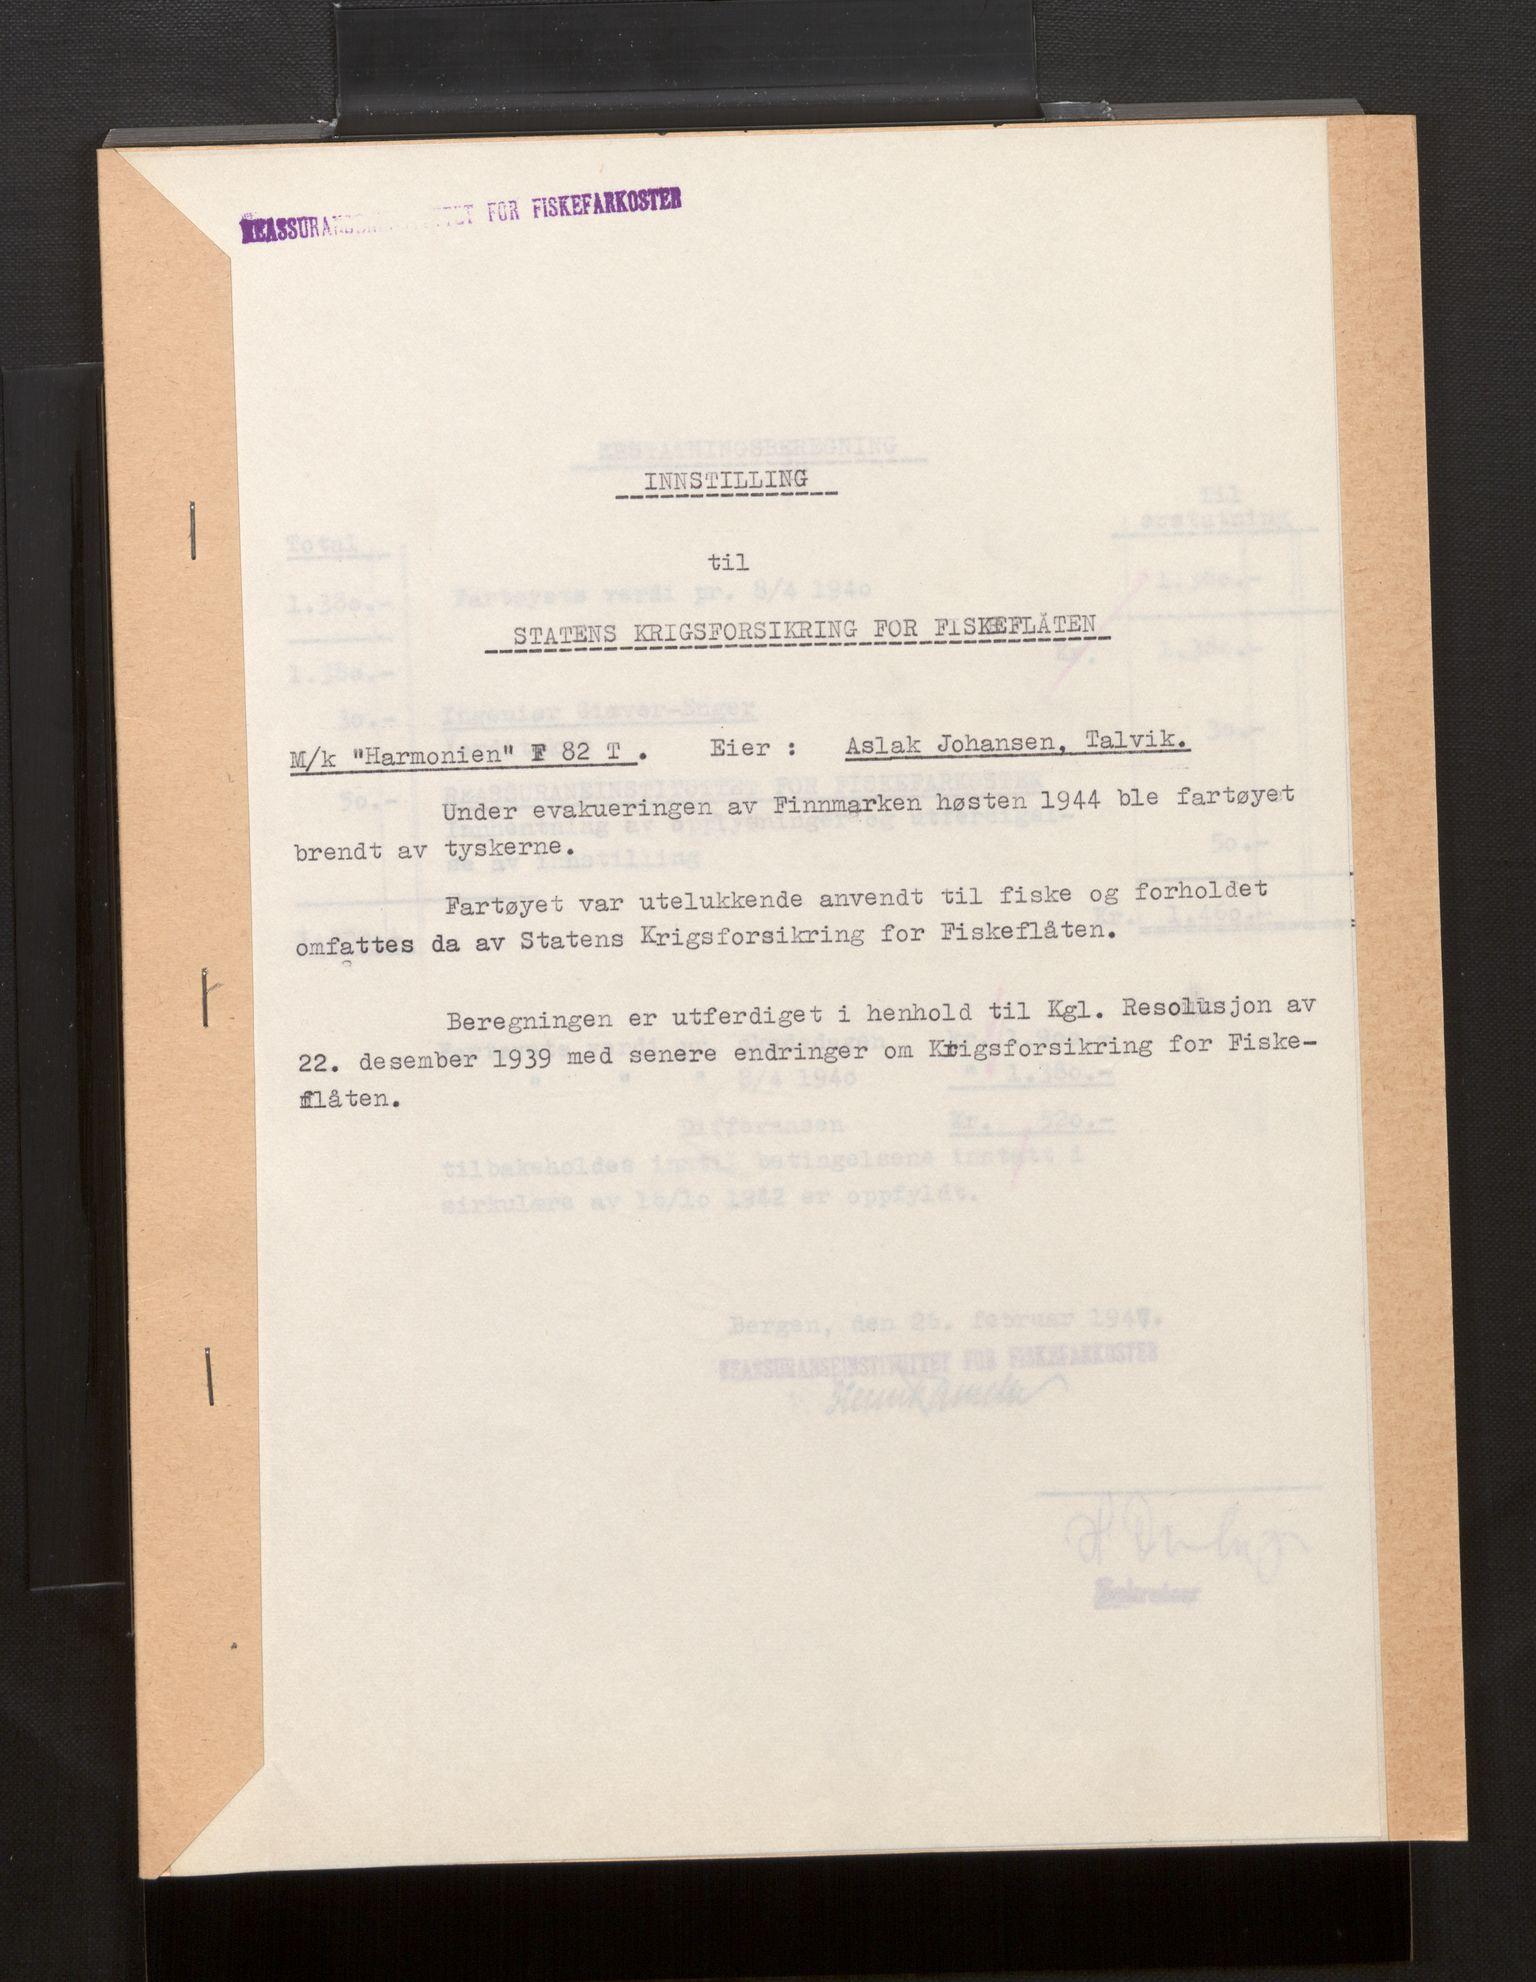 SAB, Fiskeridirektoratet - 1 Adm. ledelse - 13 Båtkontoret, La/L0042: Statens krigsforsikring for fiskeflåten, 1936-1971, s. 273